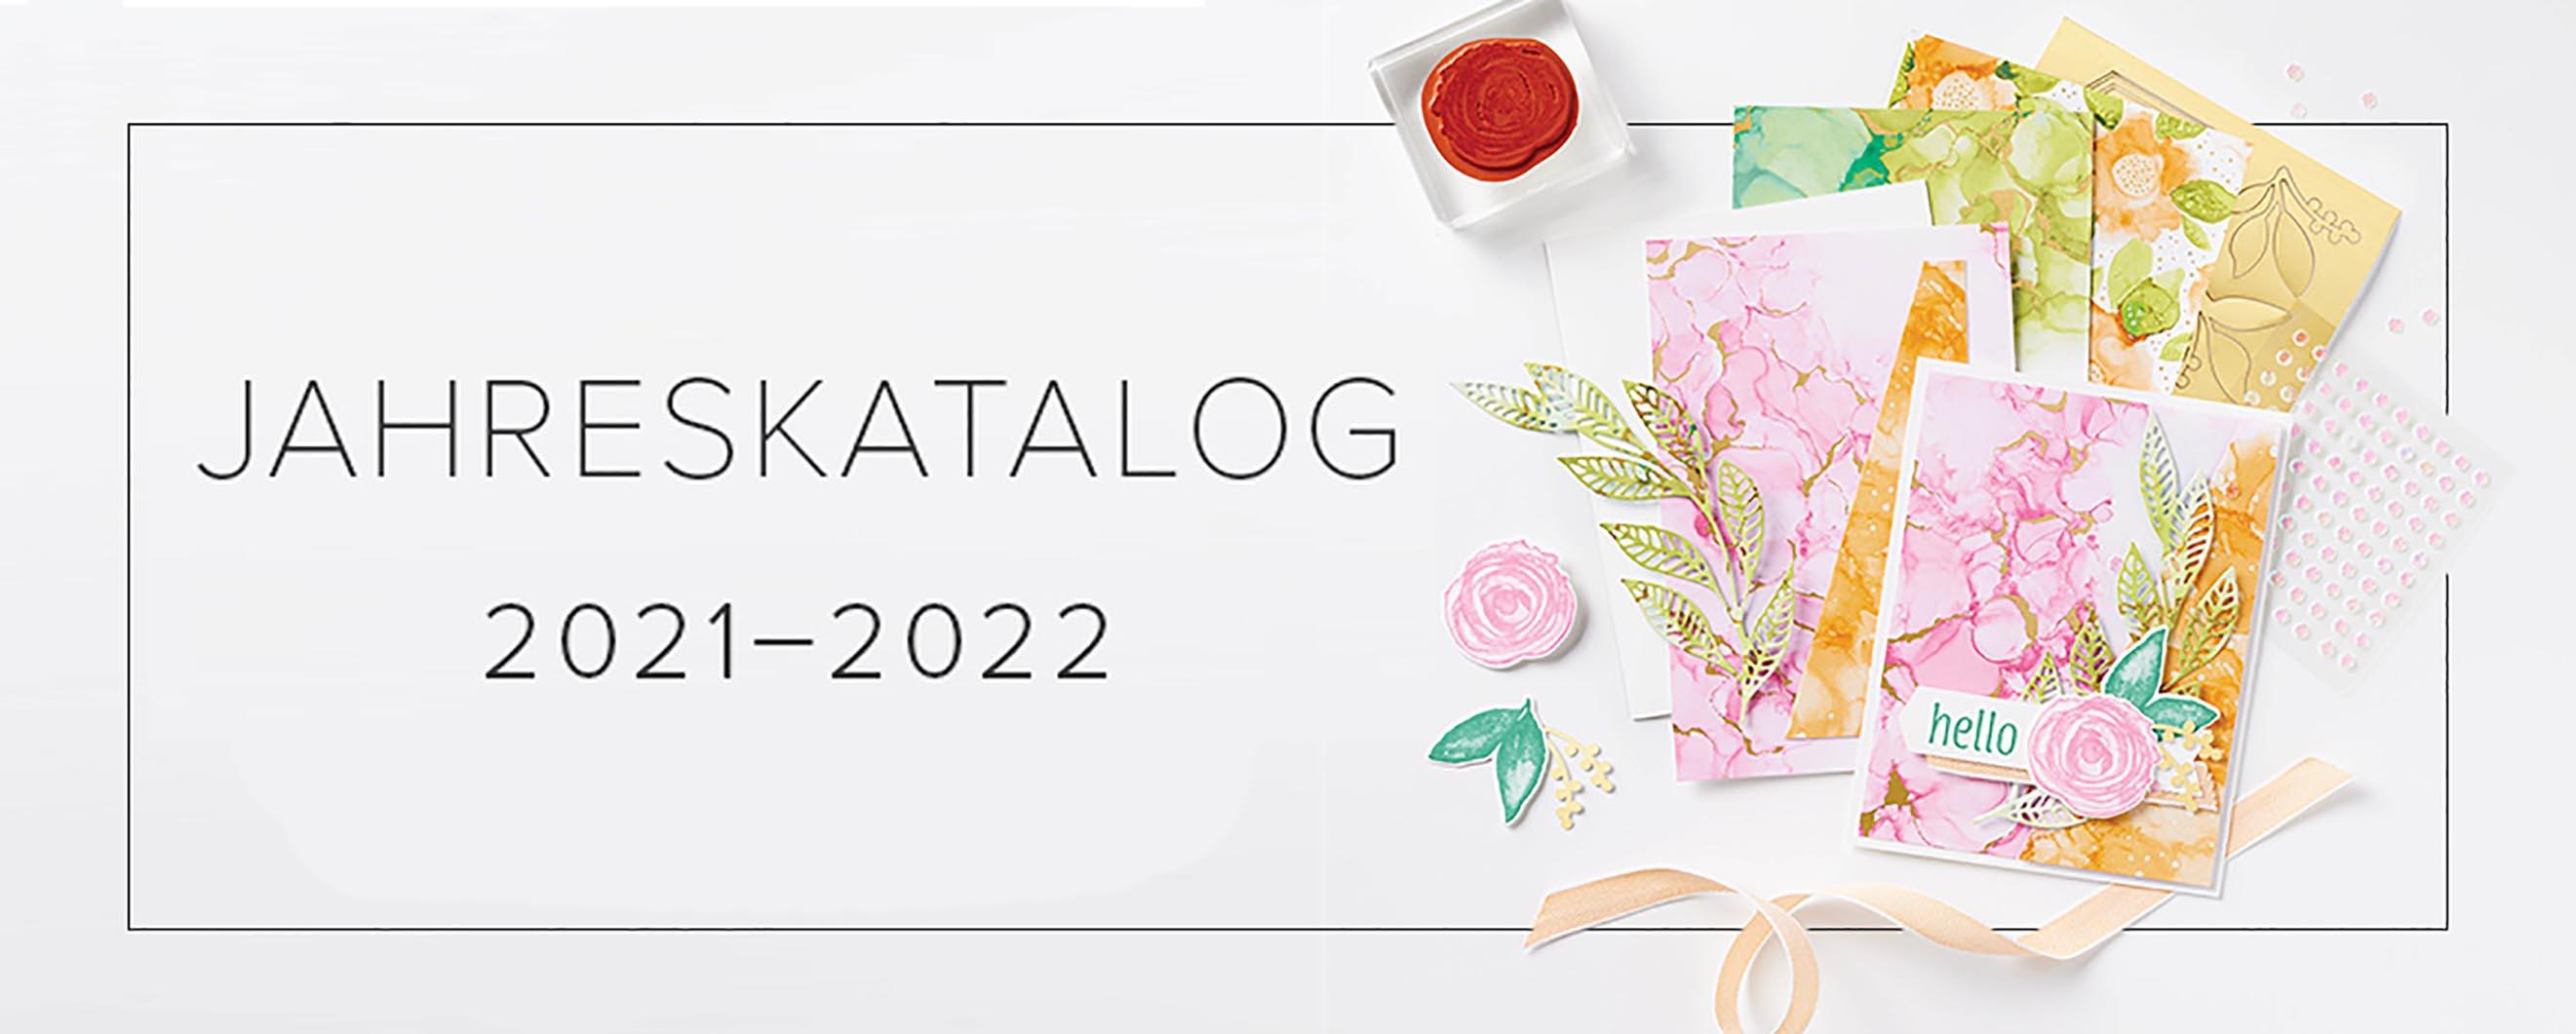 Stampin' Up!® Jahreskatalog 2021-2022